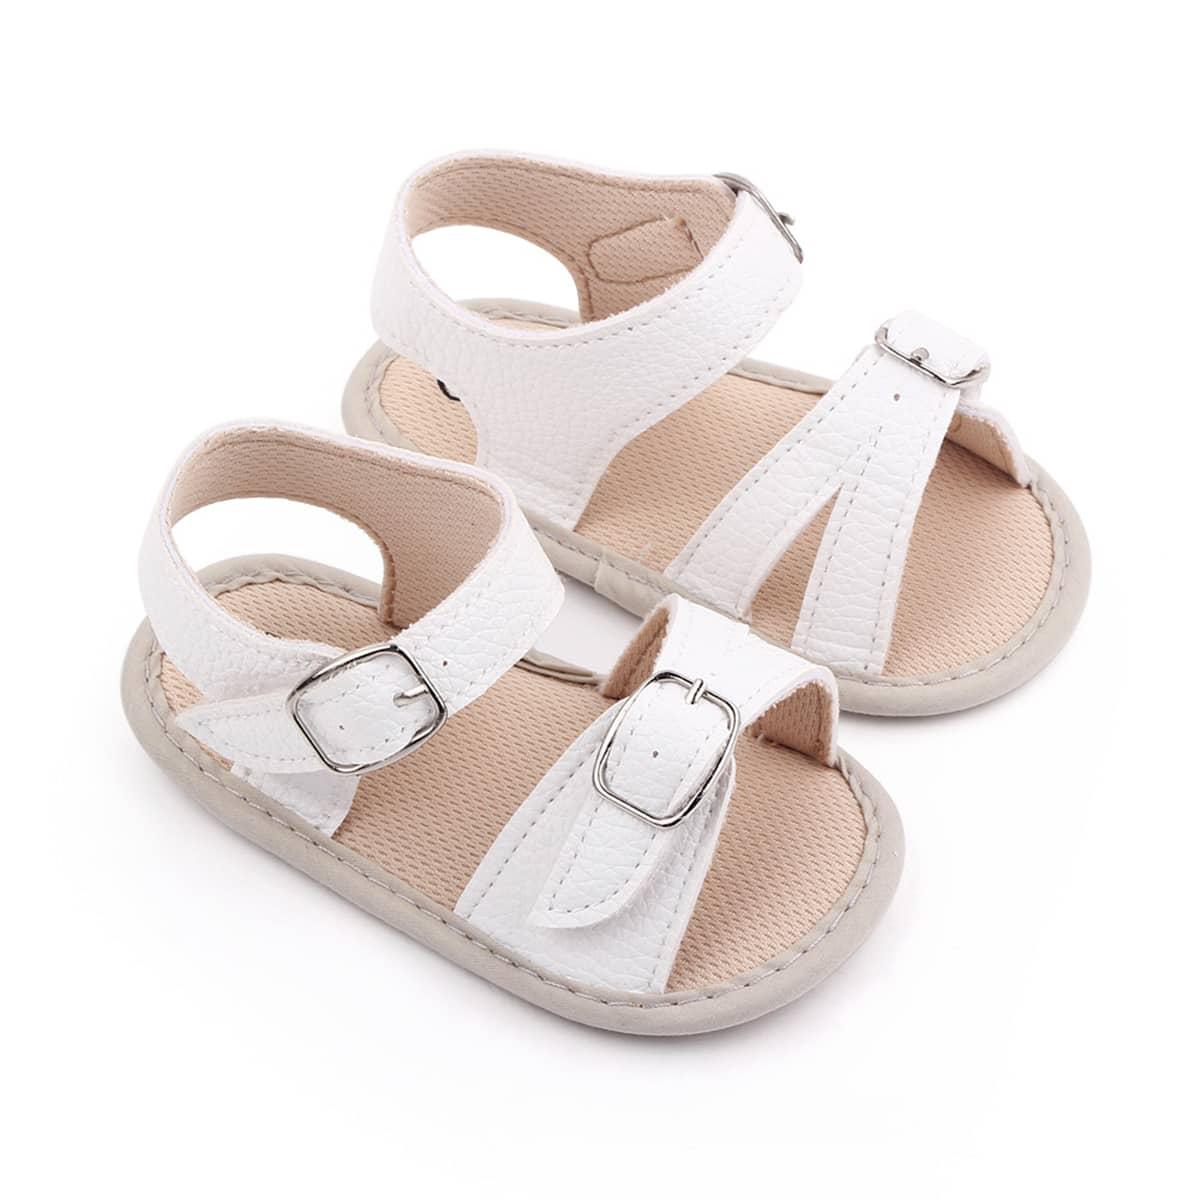 Детские минималистичные сандалии с пряжкой SheIn sk2108105678518136